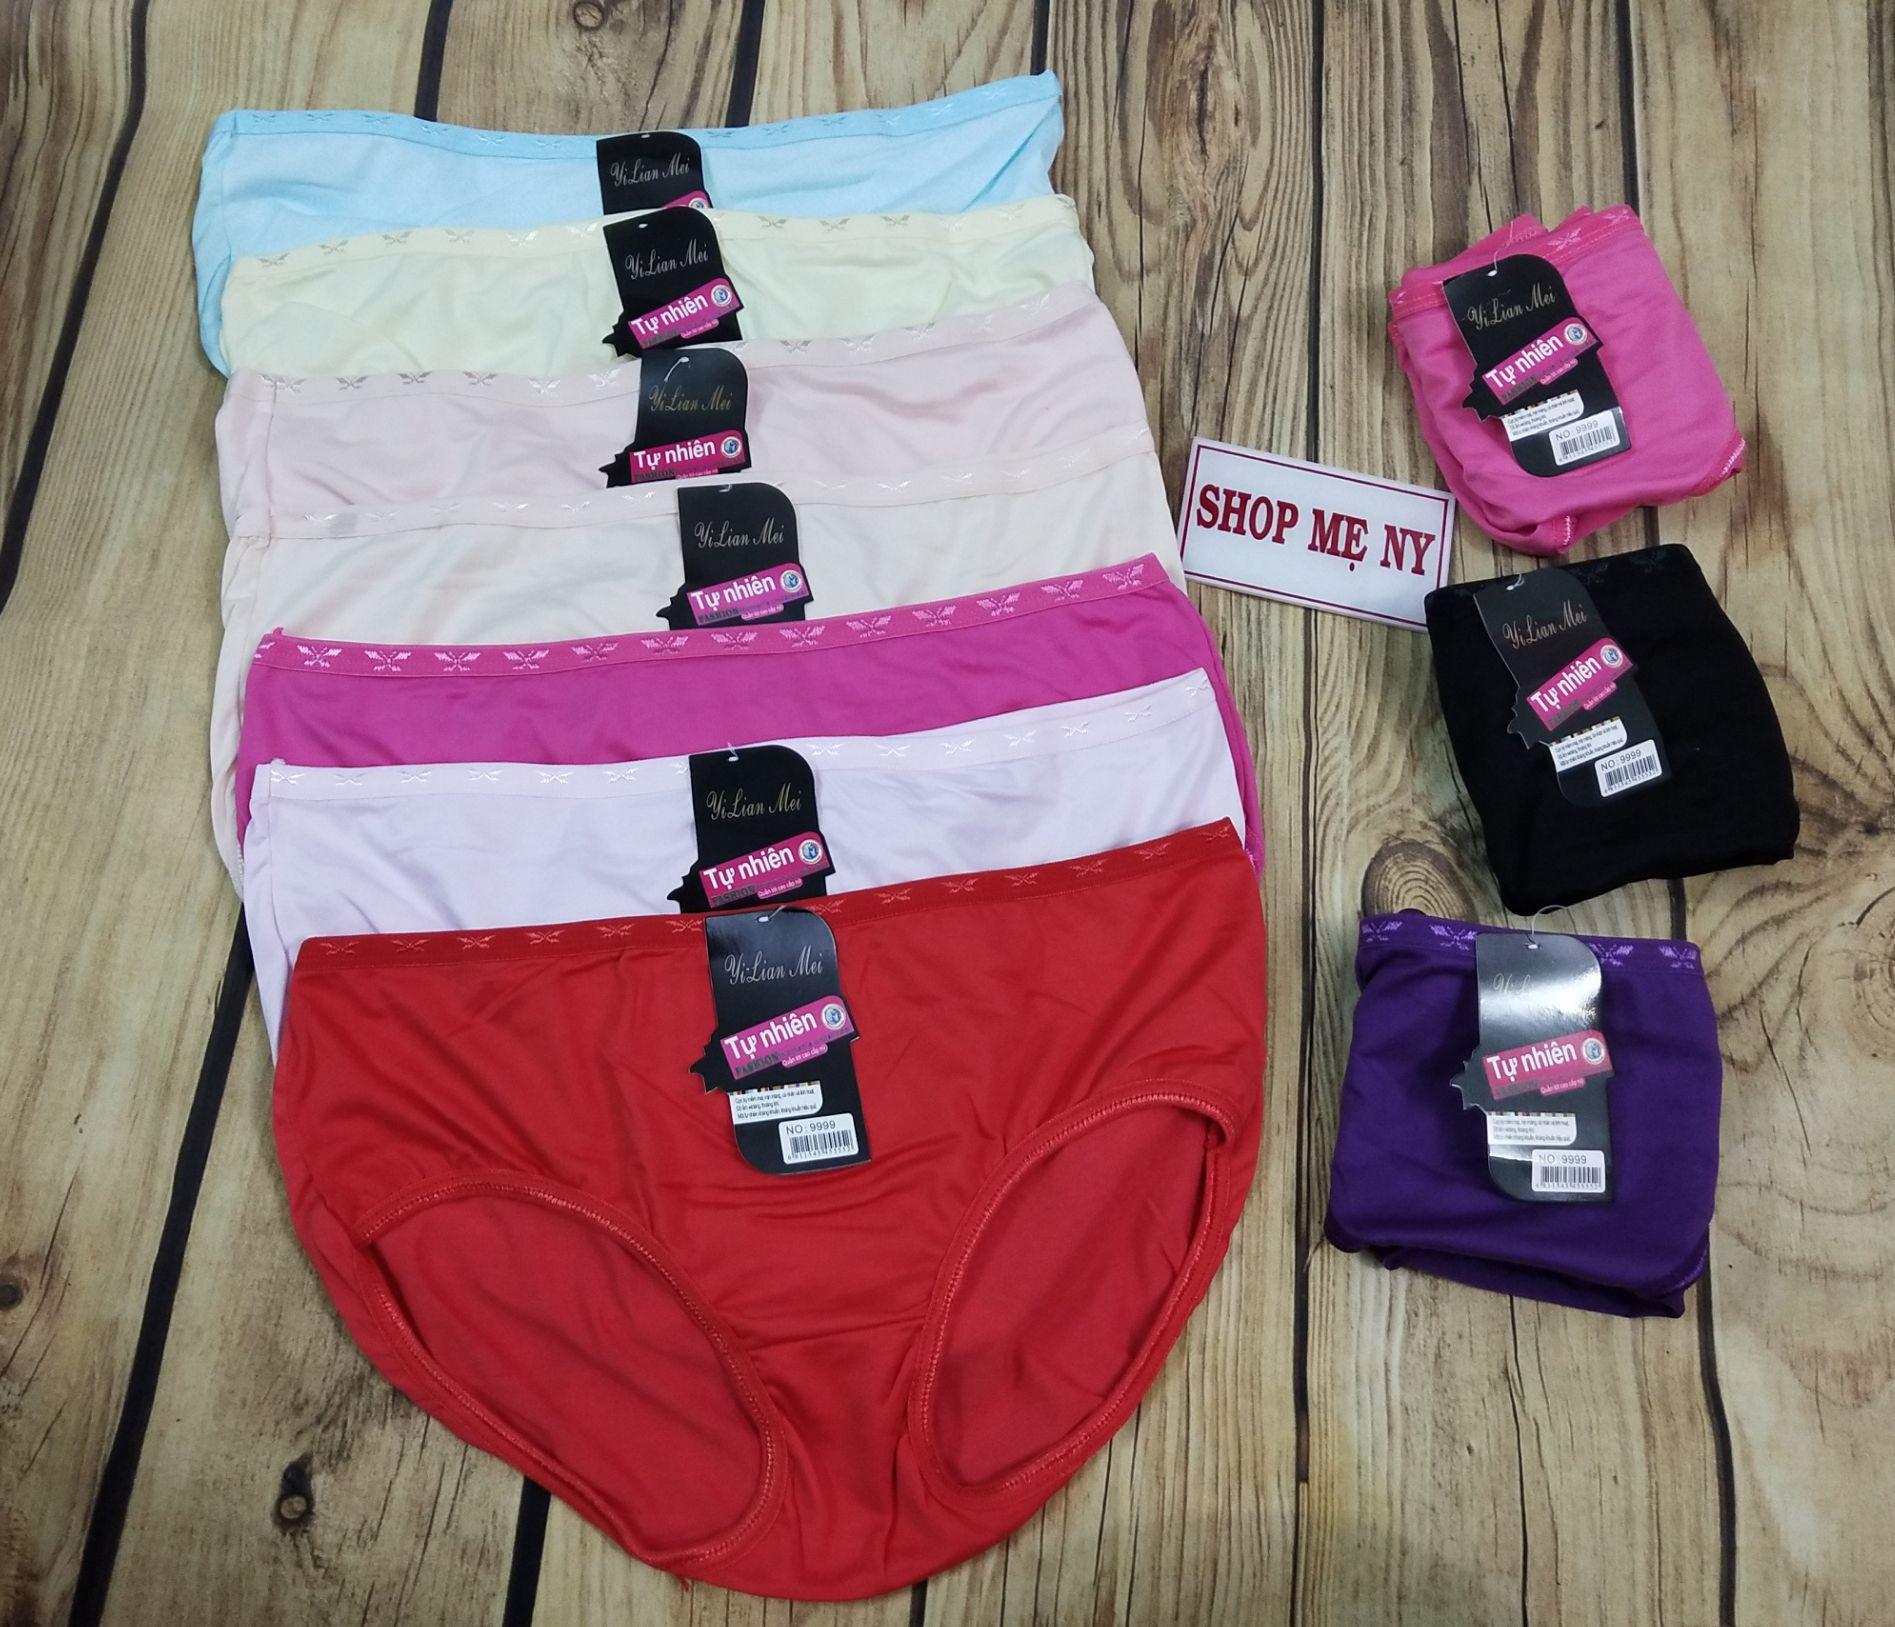 Bộ 2/5/10 quần lót nữ cotton lưng chuồn chuồn siêu đẹp size dưới 55kg (sx Việt Nam)